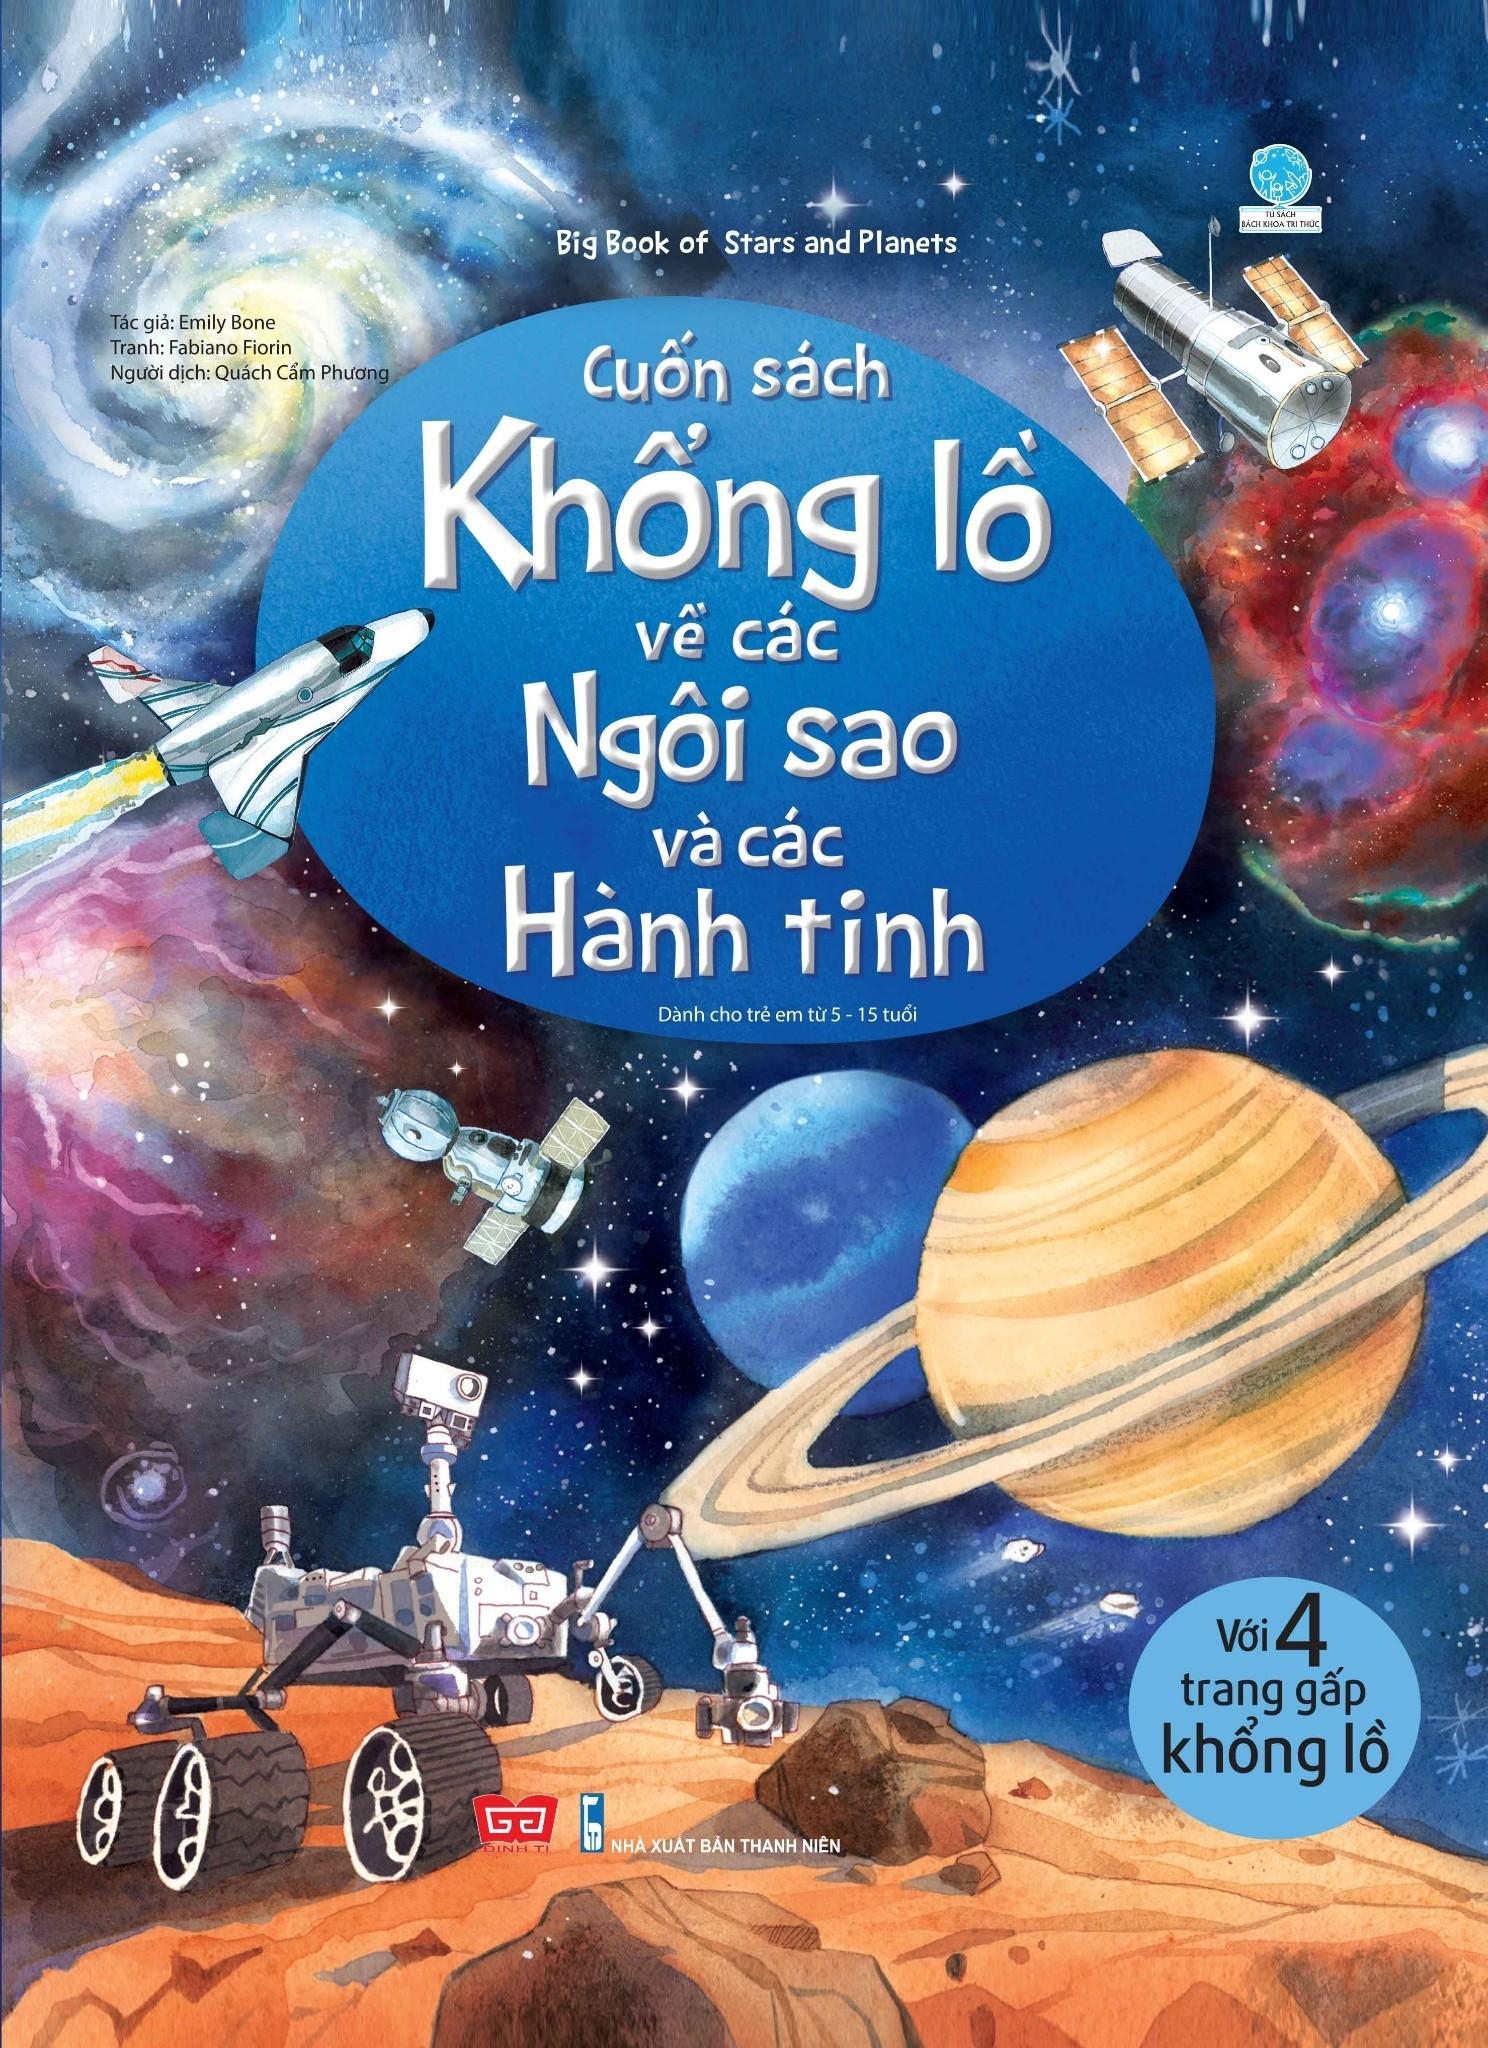 Big Book - Cuốn Sách Khổng Lồ Về Các Ngôi Sao Và Các Hành Tinh (Tái Bản)